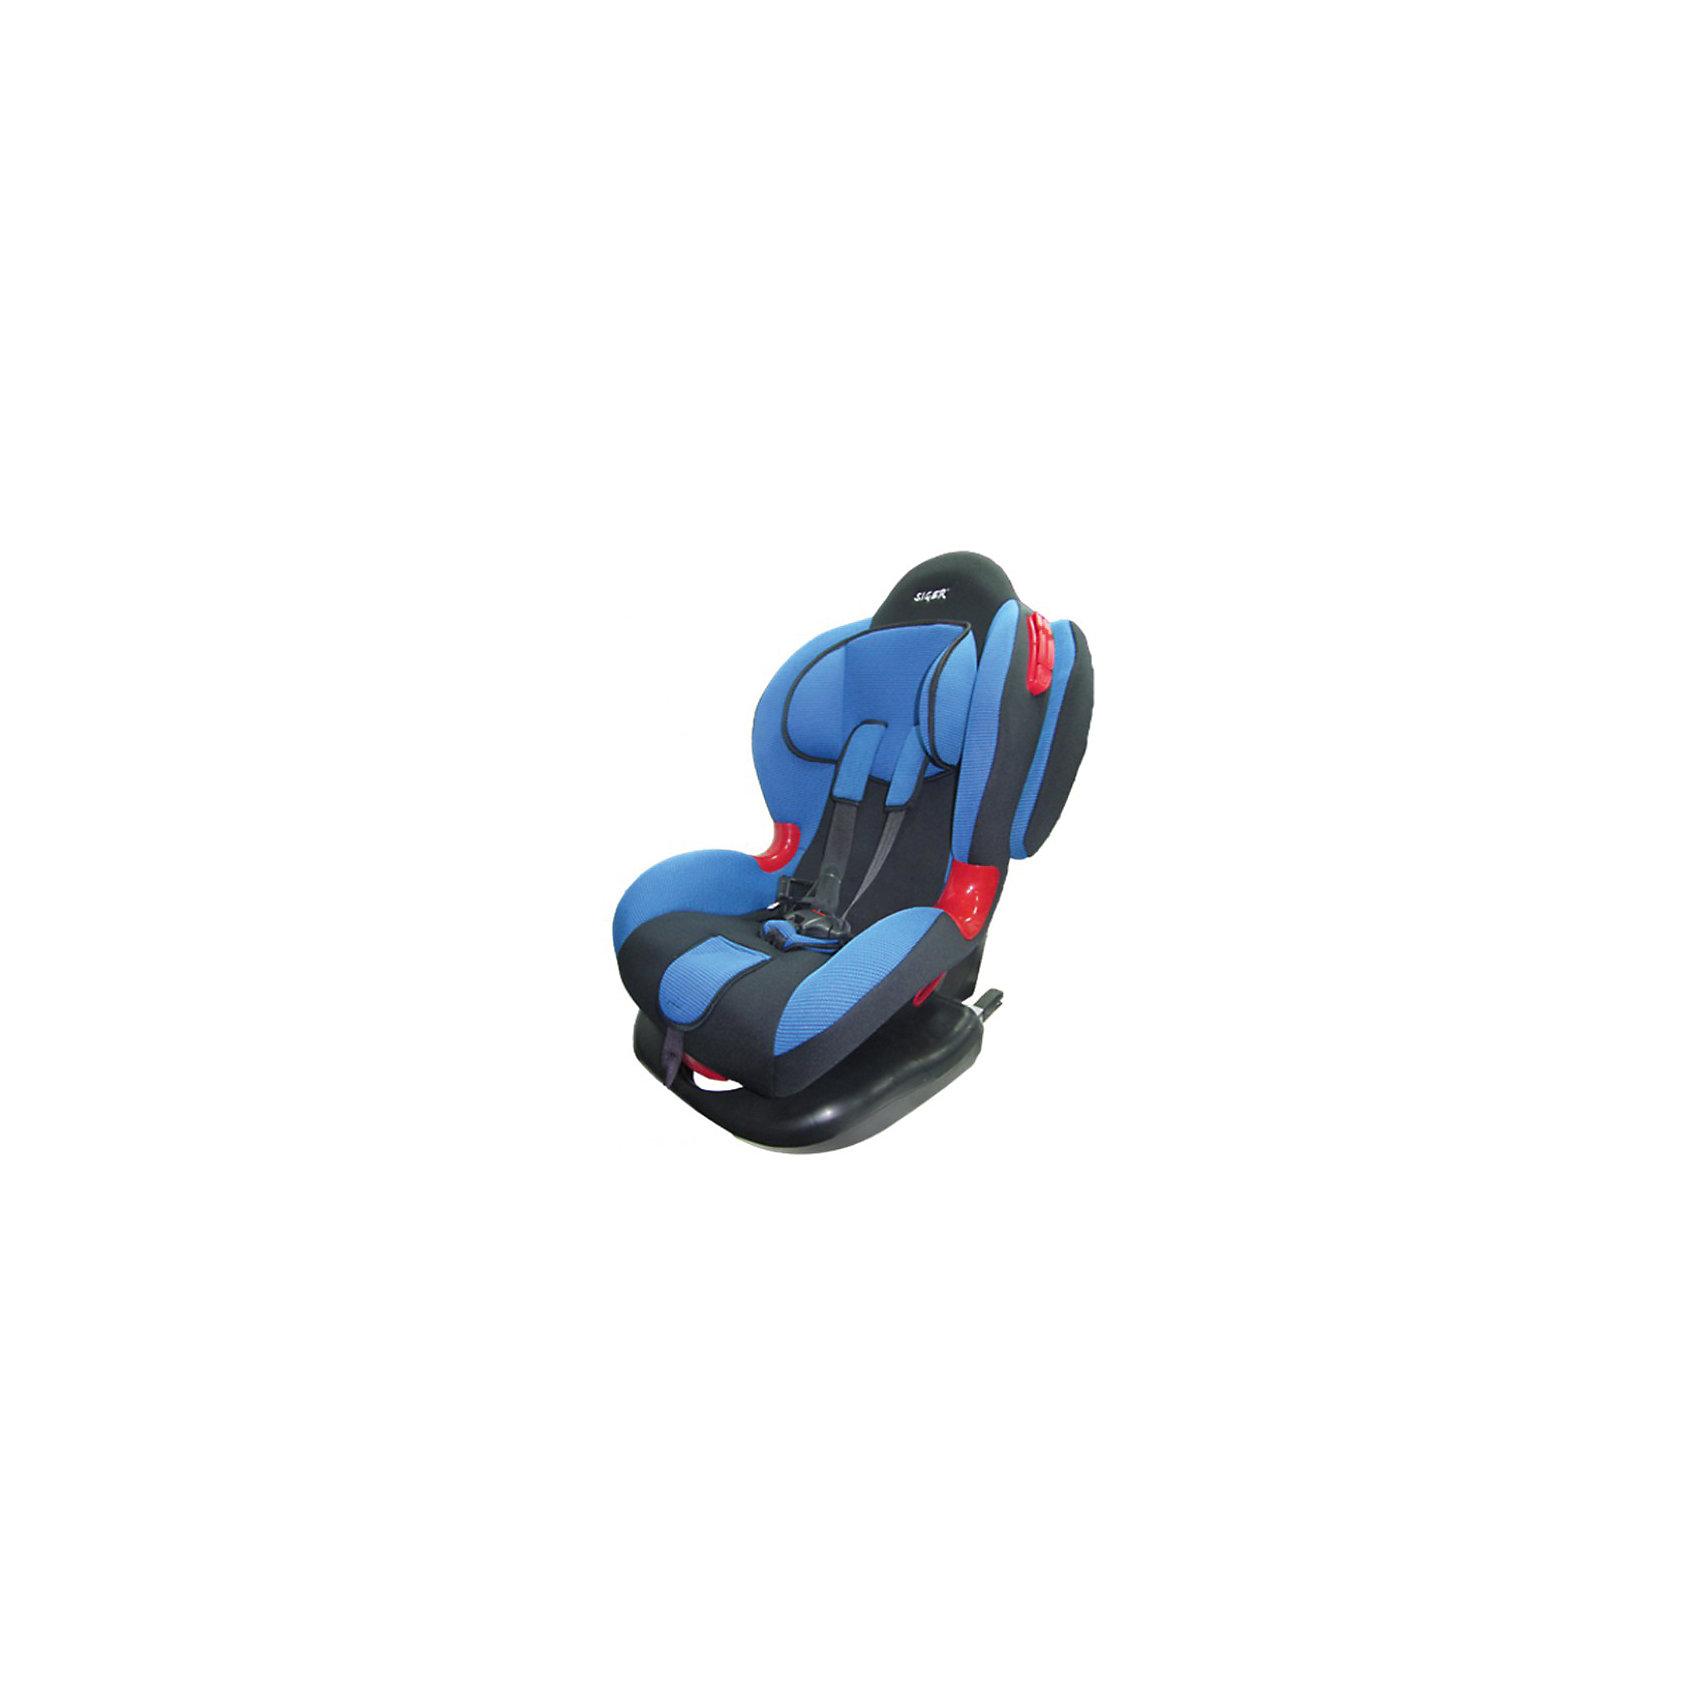 Автокресло Кокон-Isofix, 9-25 кг., SIGER, синий (Siger)